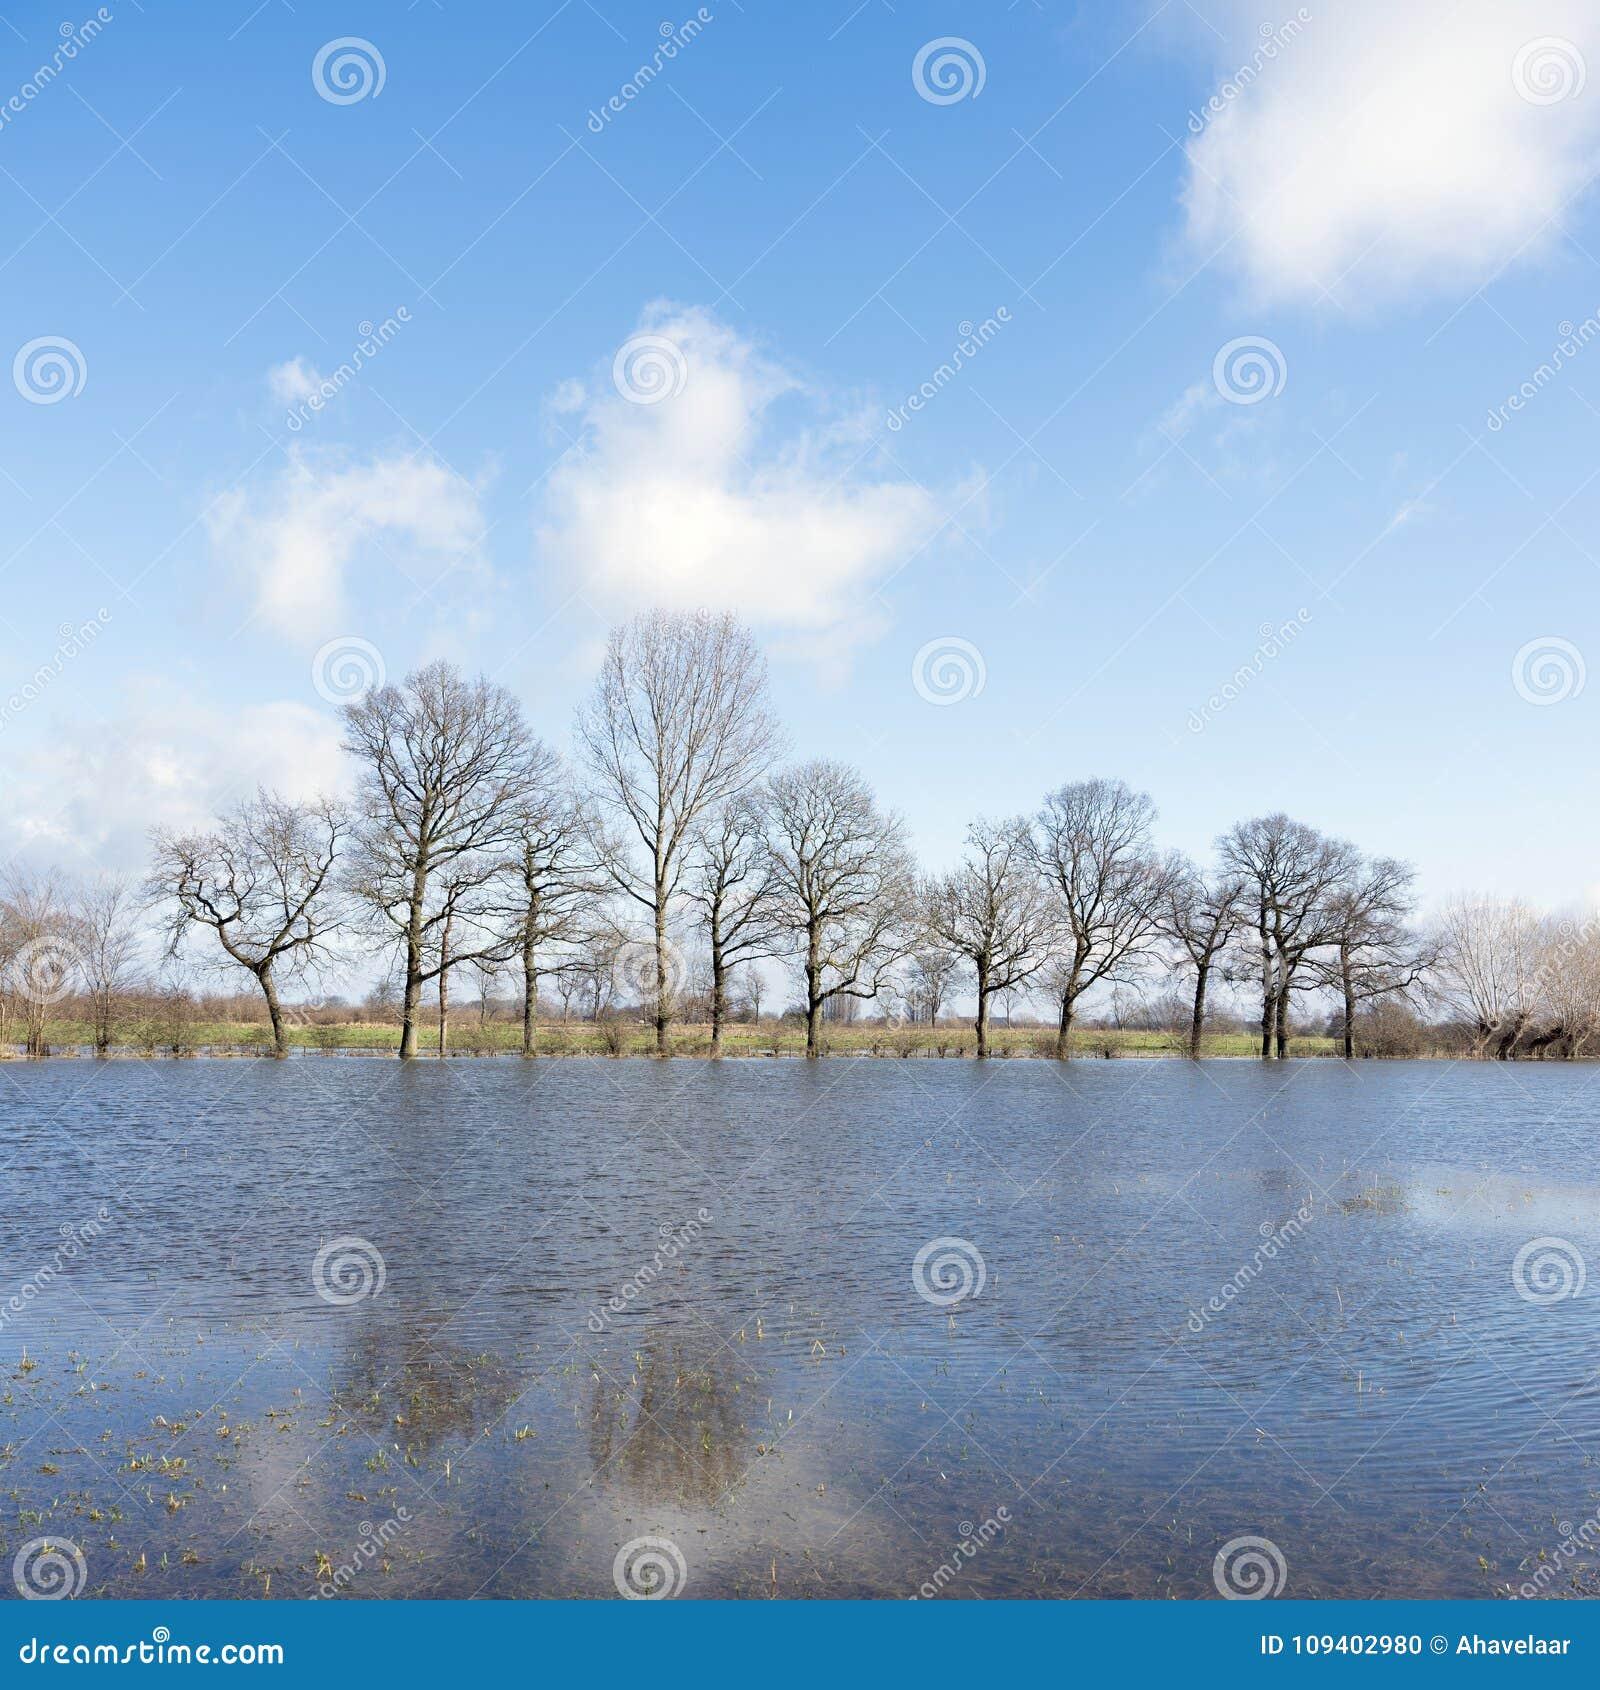 Drzewa na terenach zalewowy rzeczny ijssel blisko Zalk między Kampen i Zwolle w holandiach